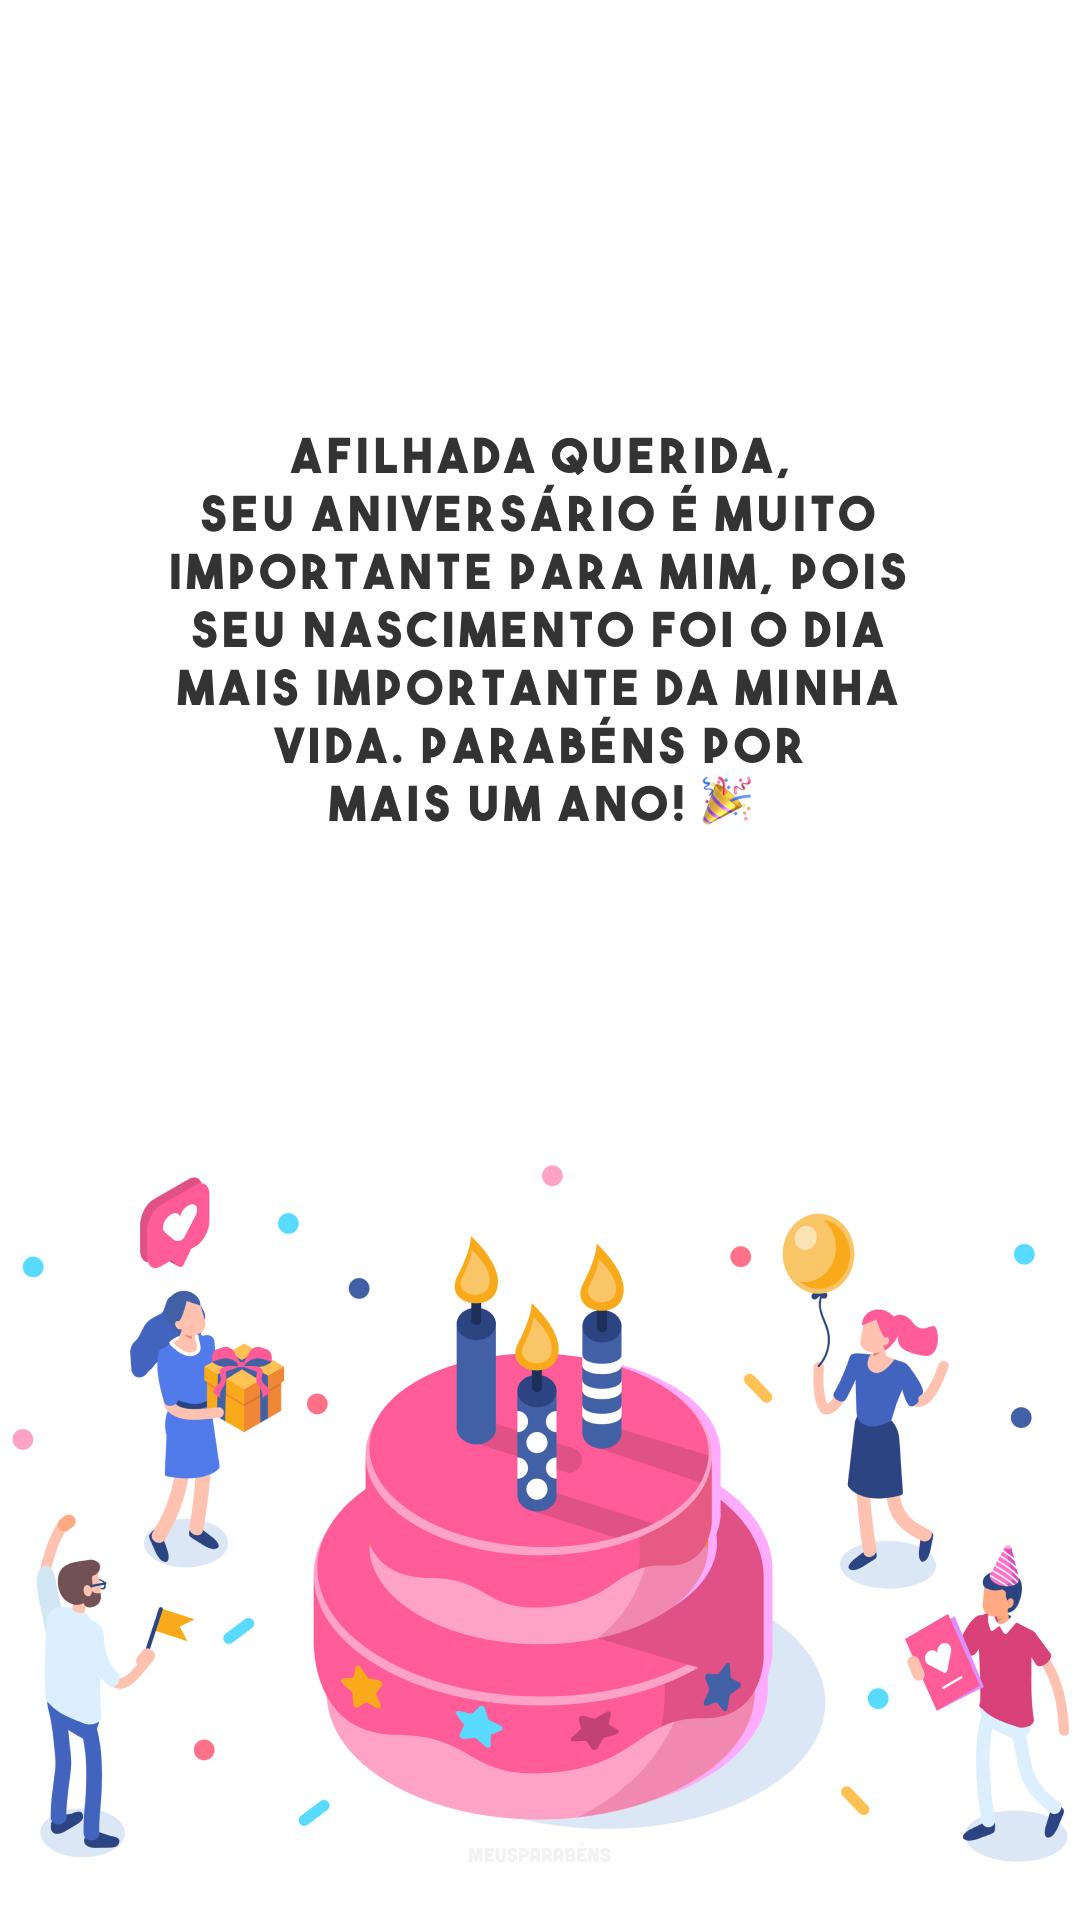 Afilhada querida, seu aniversário é muito importante para mim, pois seu nascimento foi o dia mais importante da minha vida. Parabéns por mais um ano! 🎉